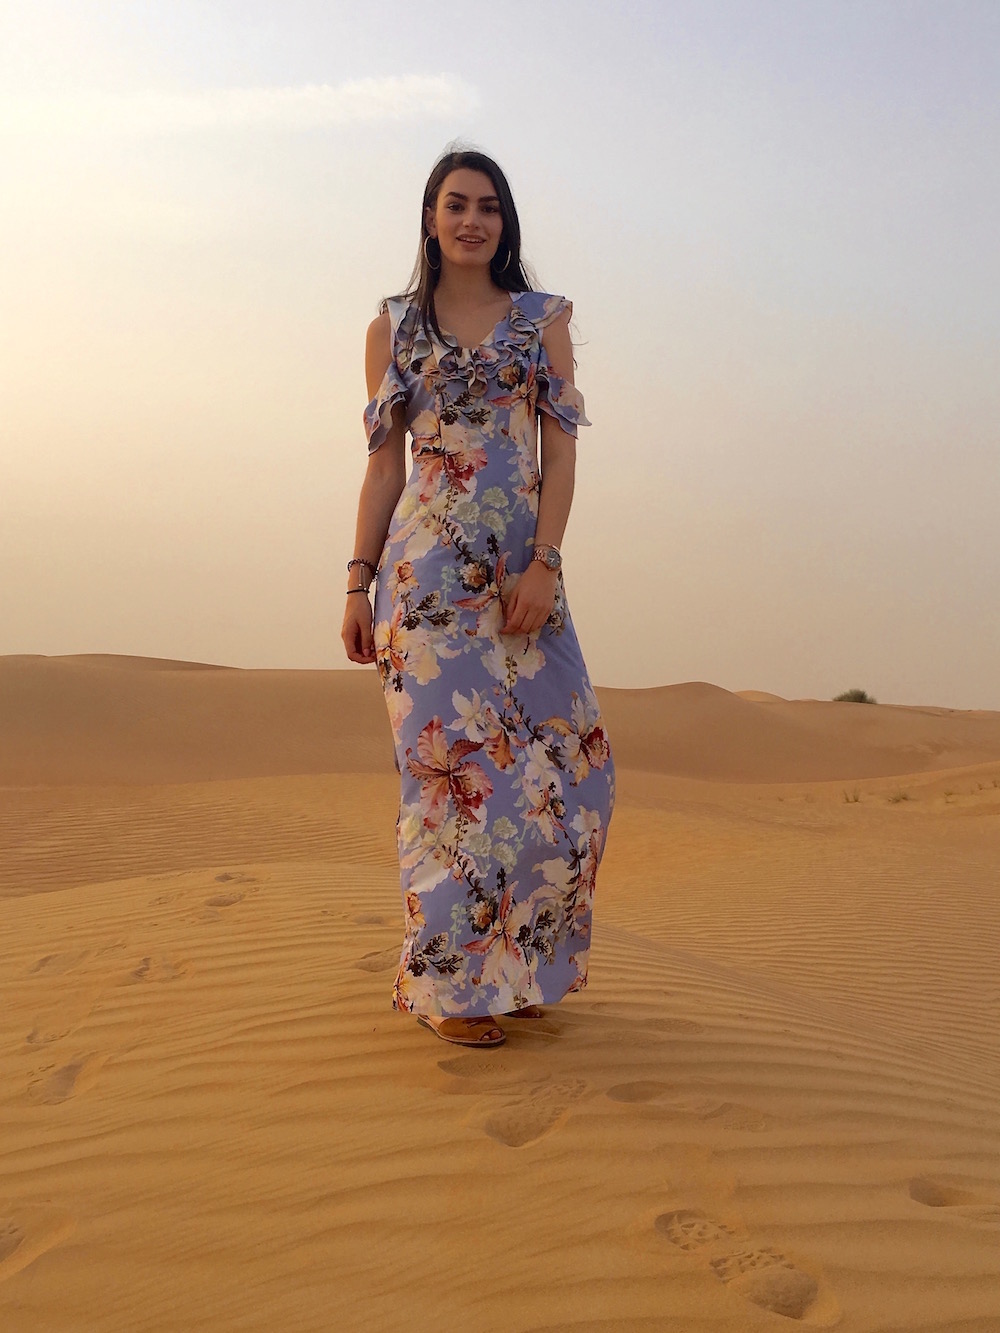 peexo travel blogger dubai desert